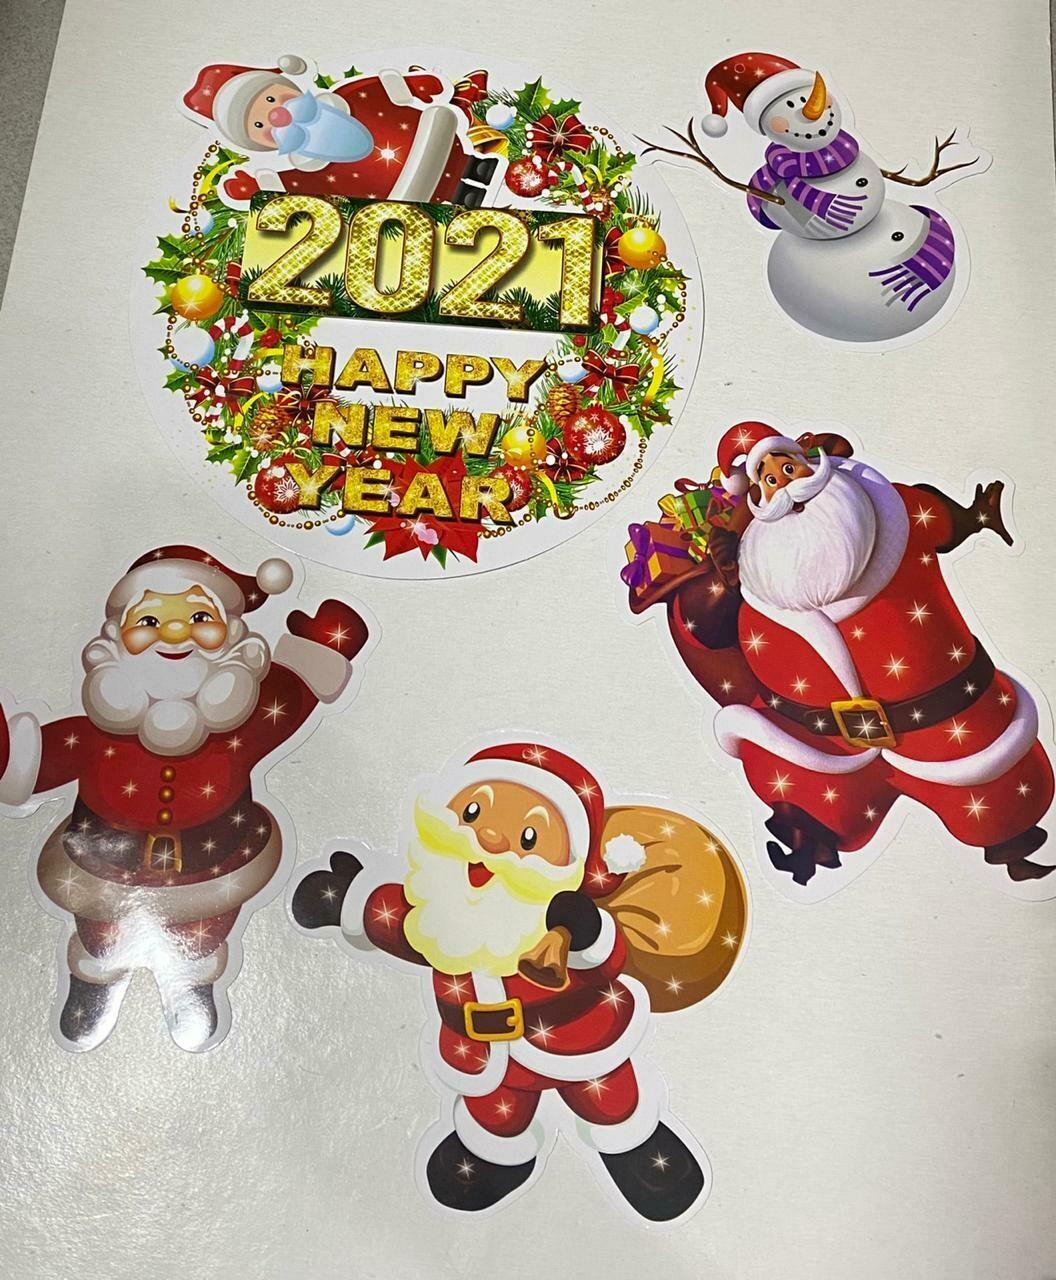 زينه  كريسماس تعليقه شكل بابا نويل